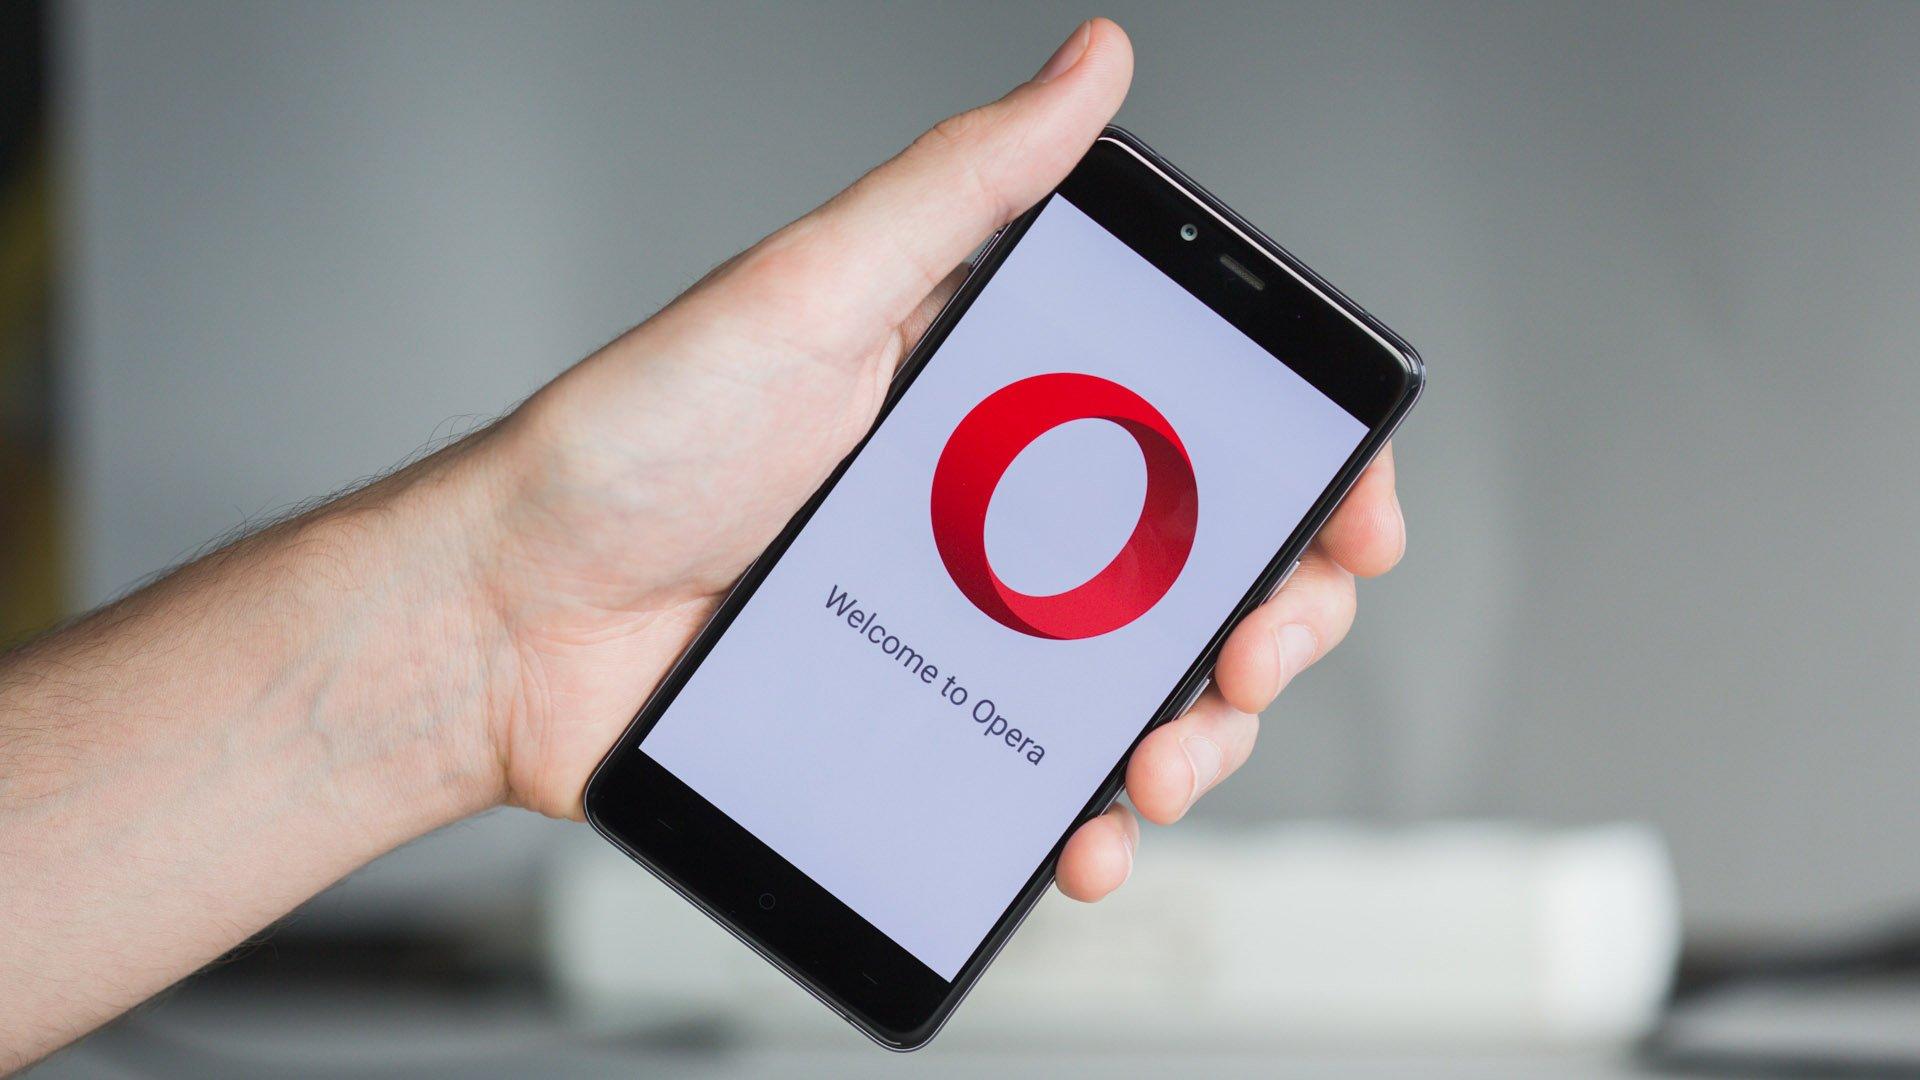 Opera menambahkan VPN gratis ke browser Android-nya